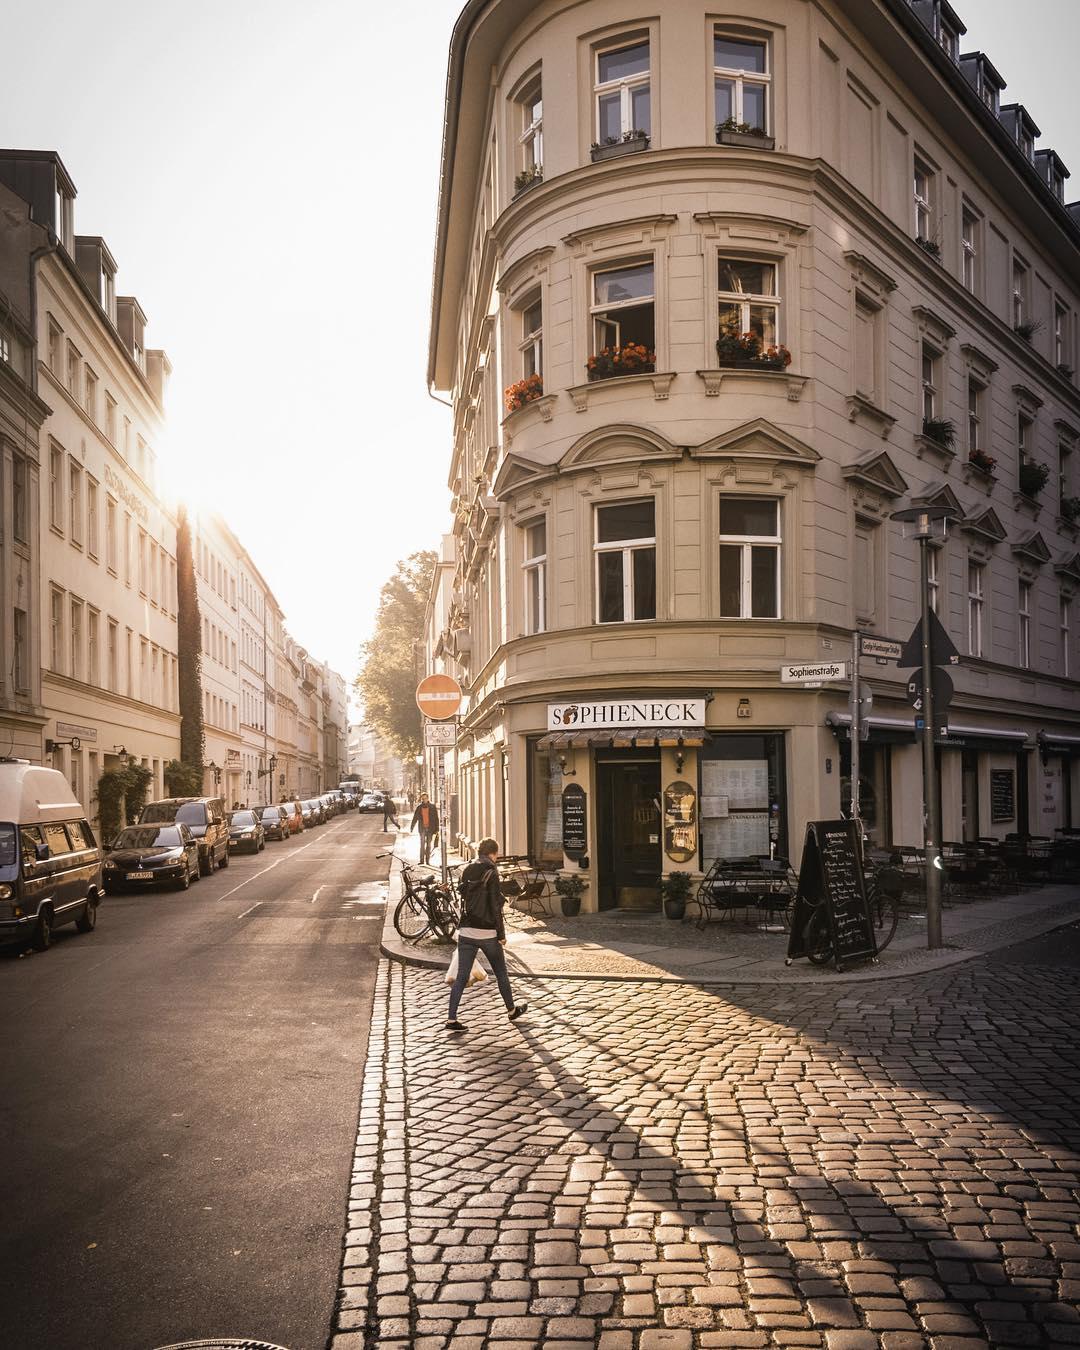 Photo by Joerg Nicht